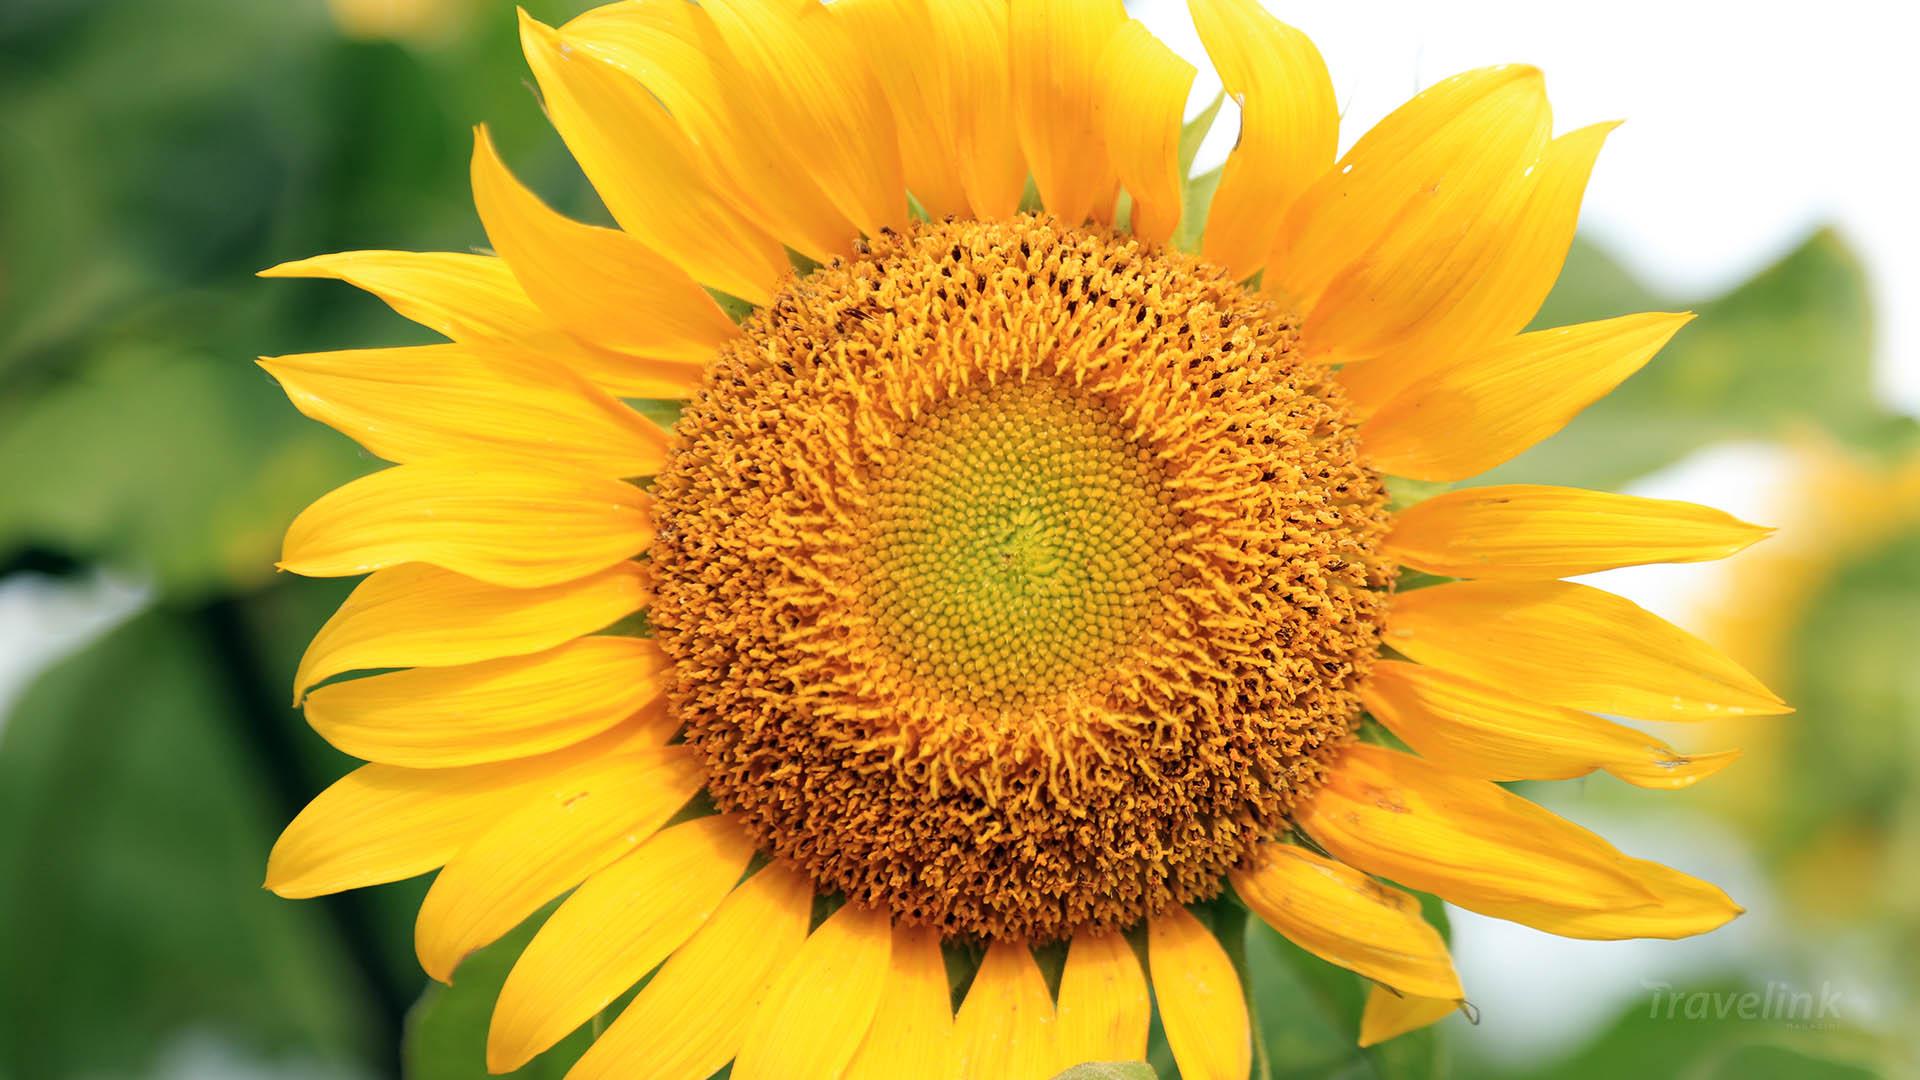 Wallpaper Bunga Matahari   20x20   Download HD Wallpaper ...